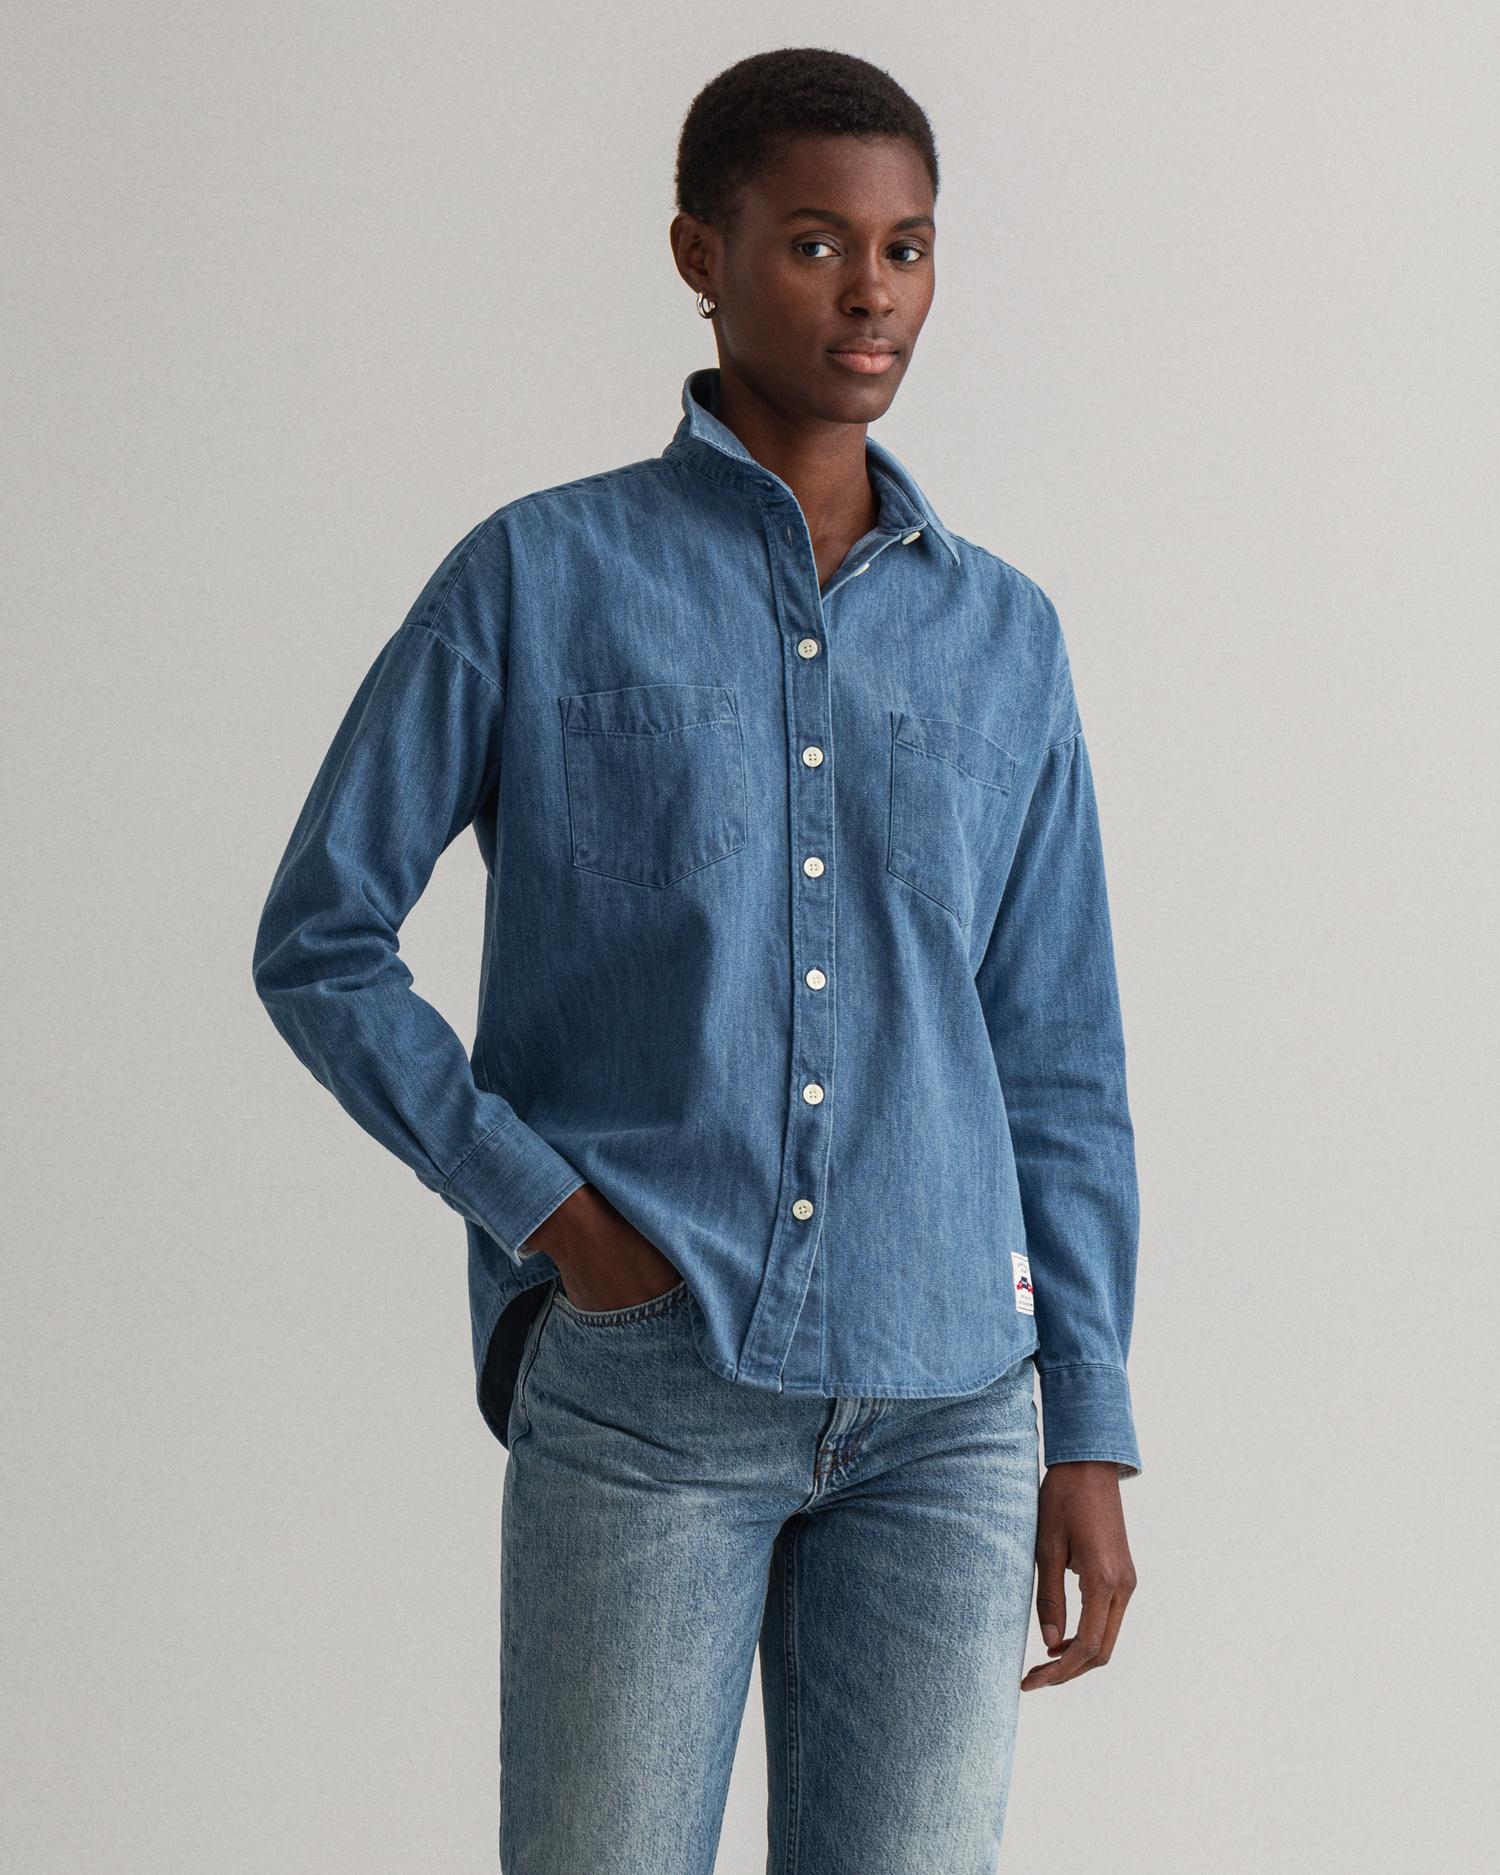 GANT damska koszula - 4311201